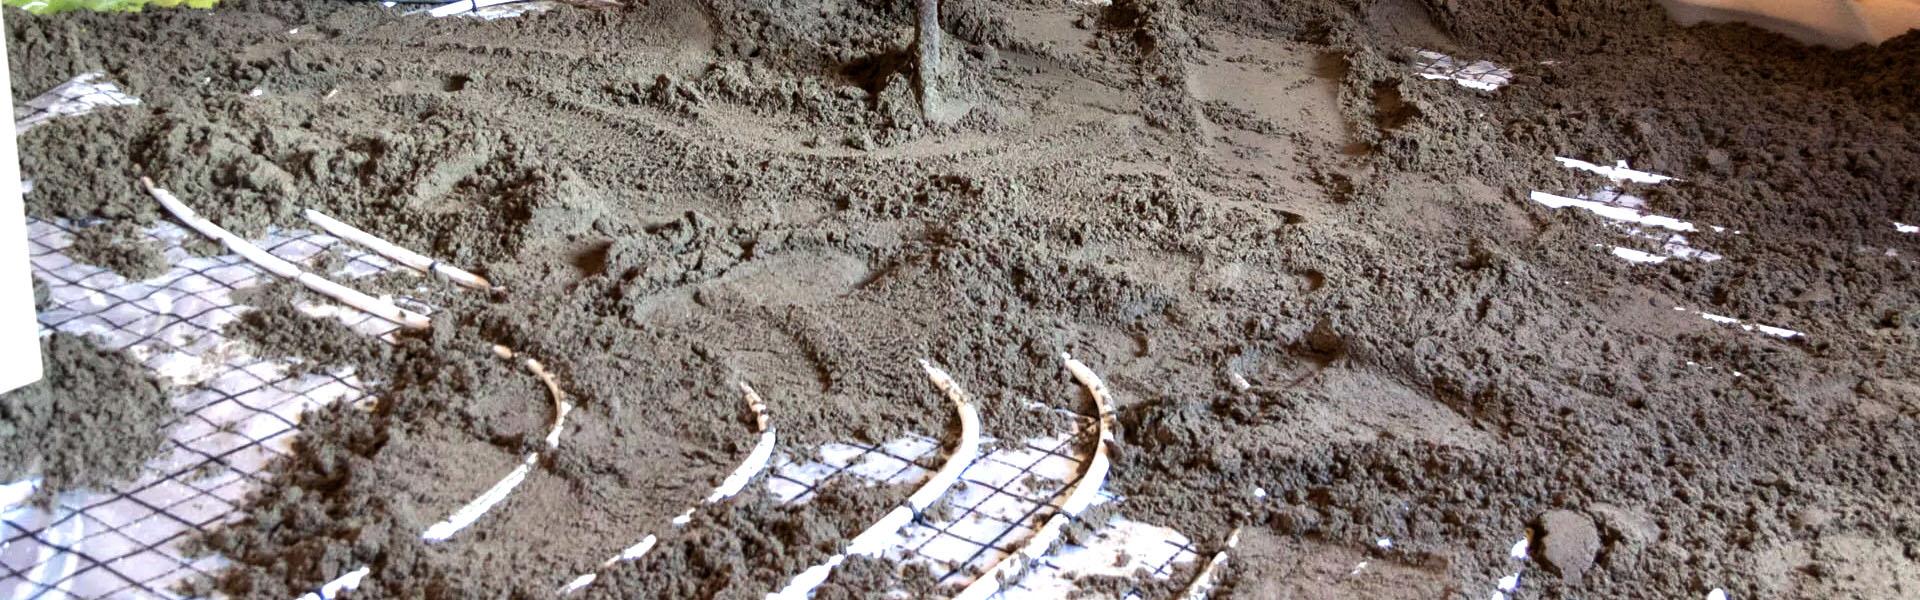 Kombination von Fußbodenheizung, Bodenisolierung, Dampfsperre und Estrich